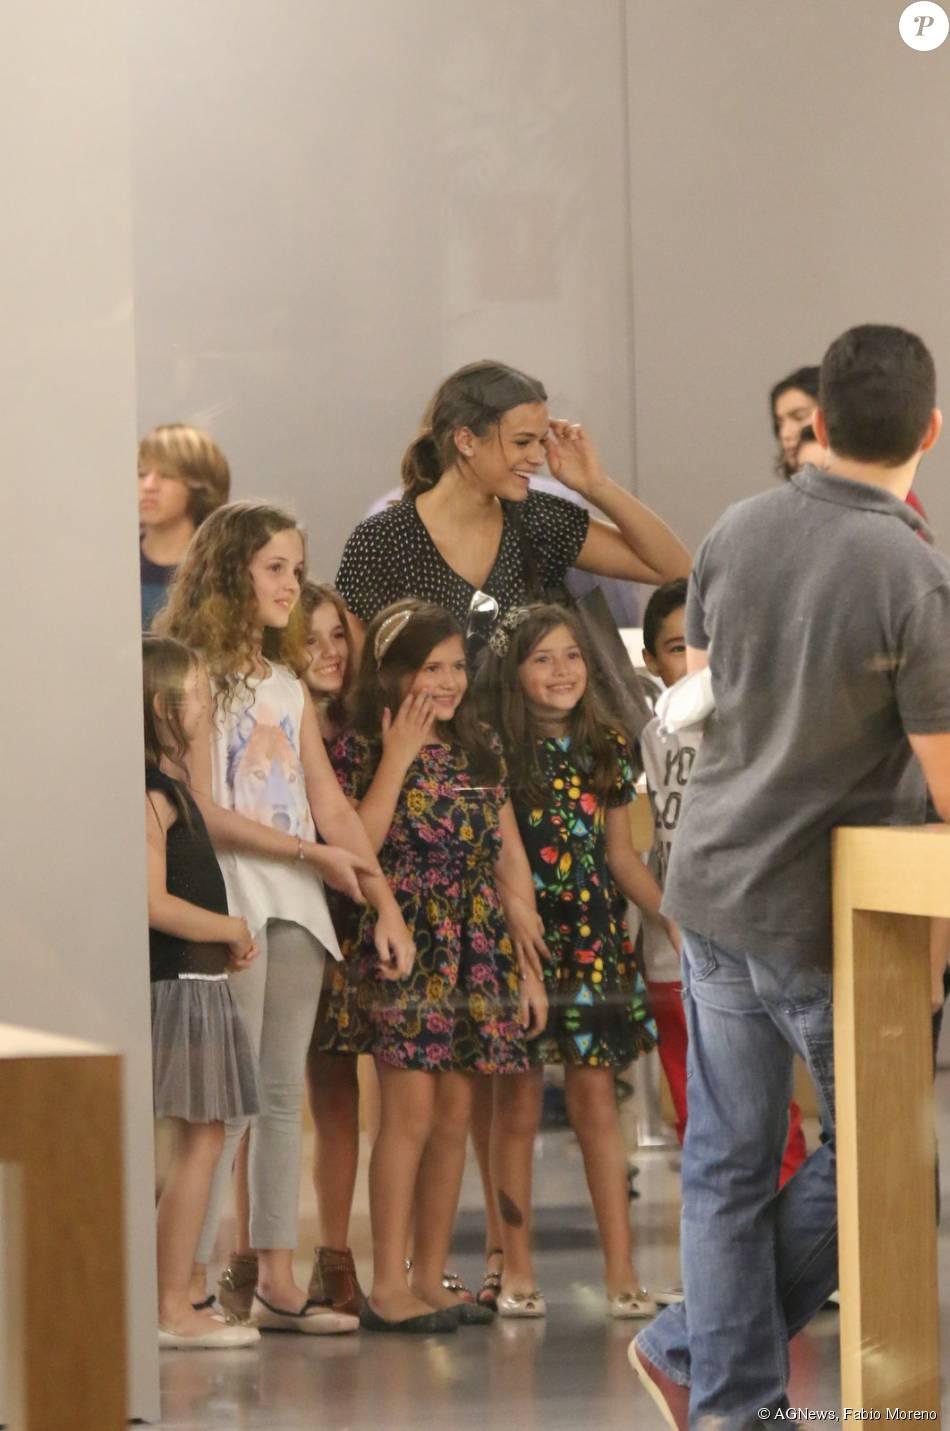 abb309e7611 A atriz Bruna Marquezine tirou fotos com um grupo de crianças que a  abordaram numa loja de aparelho celular em um shopping da Zona Oeste do Rio  de Janeiro